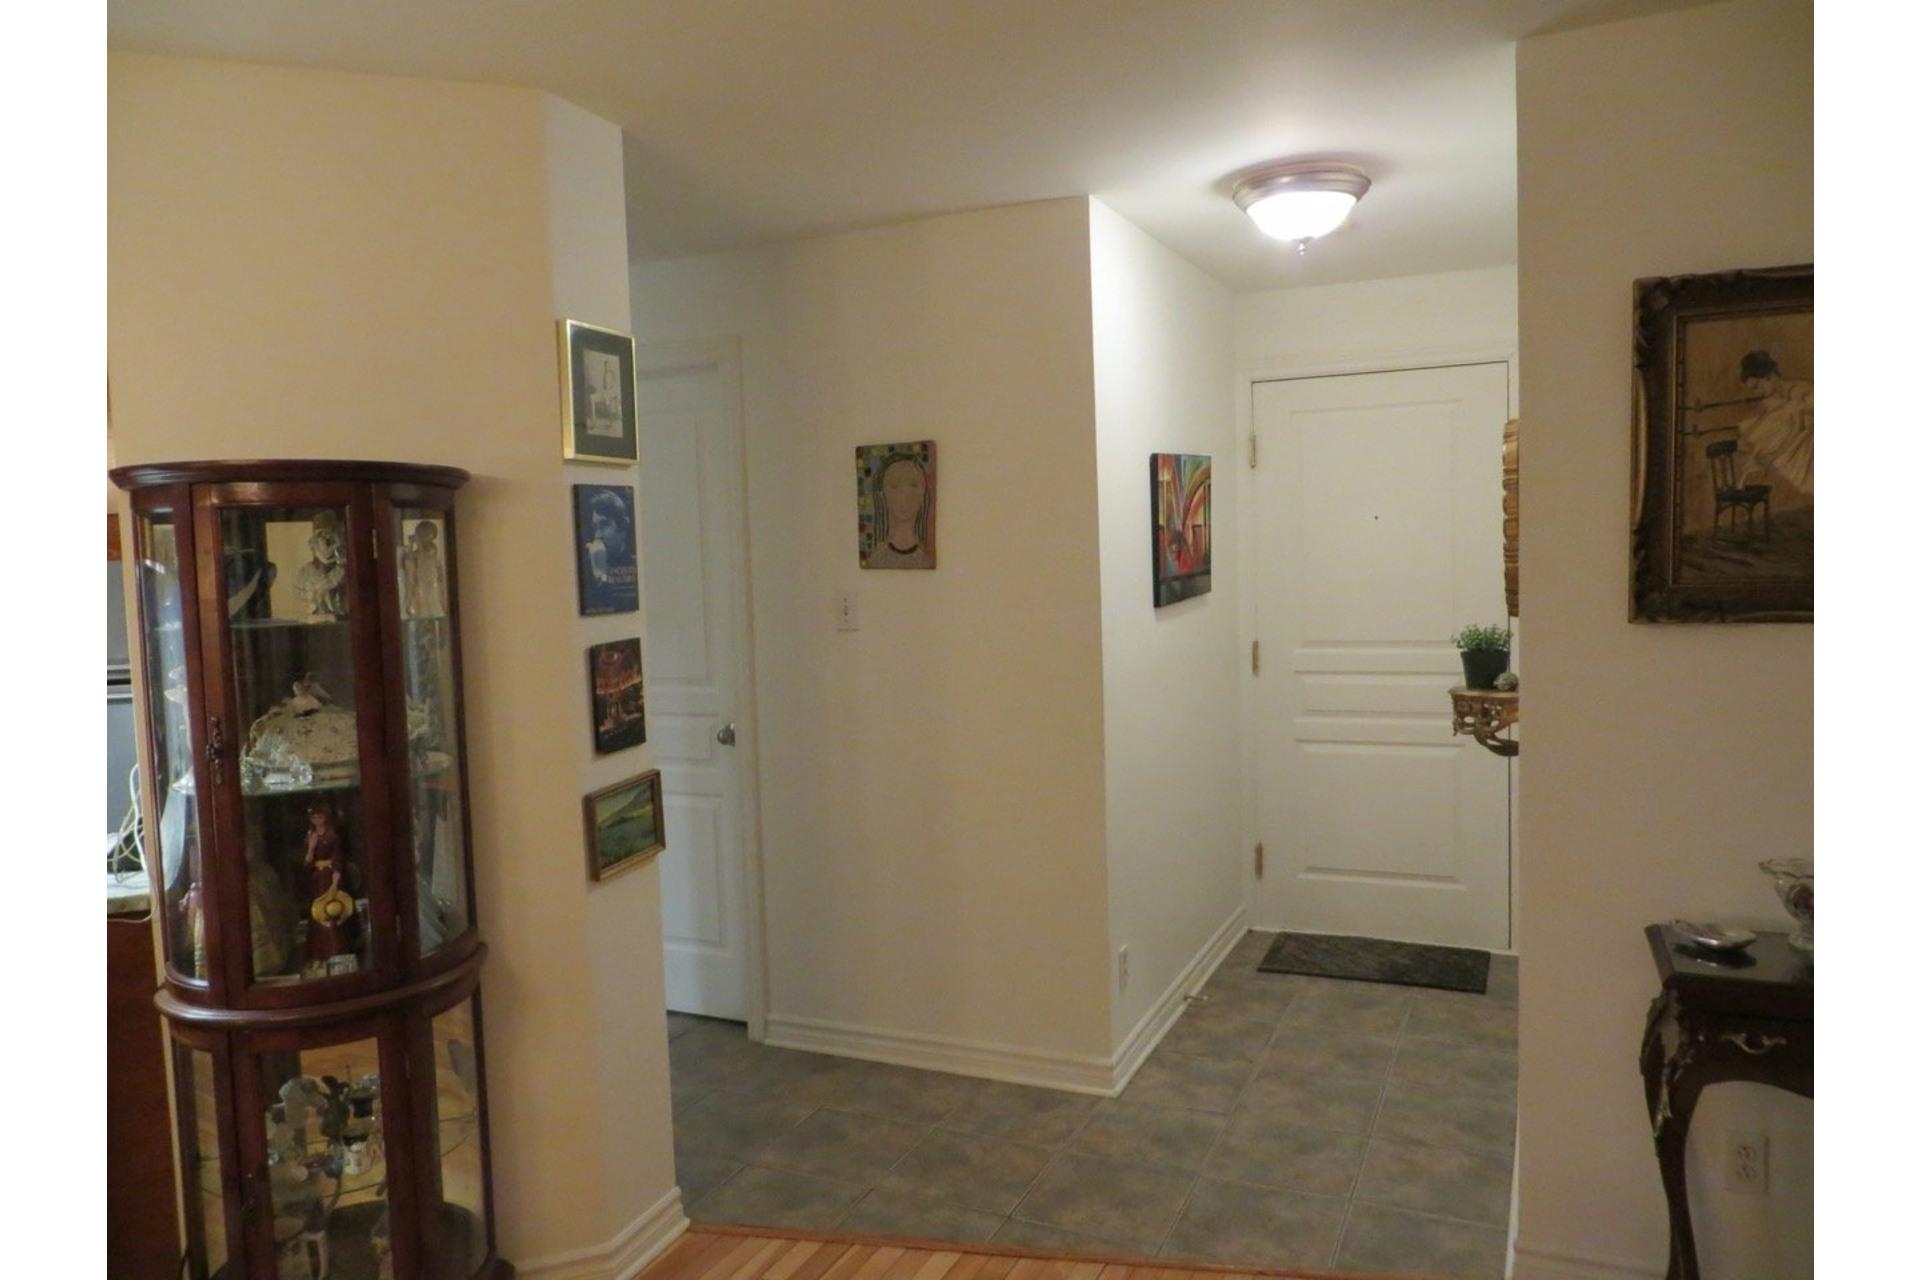 image 5 - Appartement À vendre Côte-des-Neiges/Notre-Dame-de-Grâce Montréal  - 6 pièces